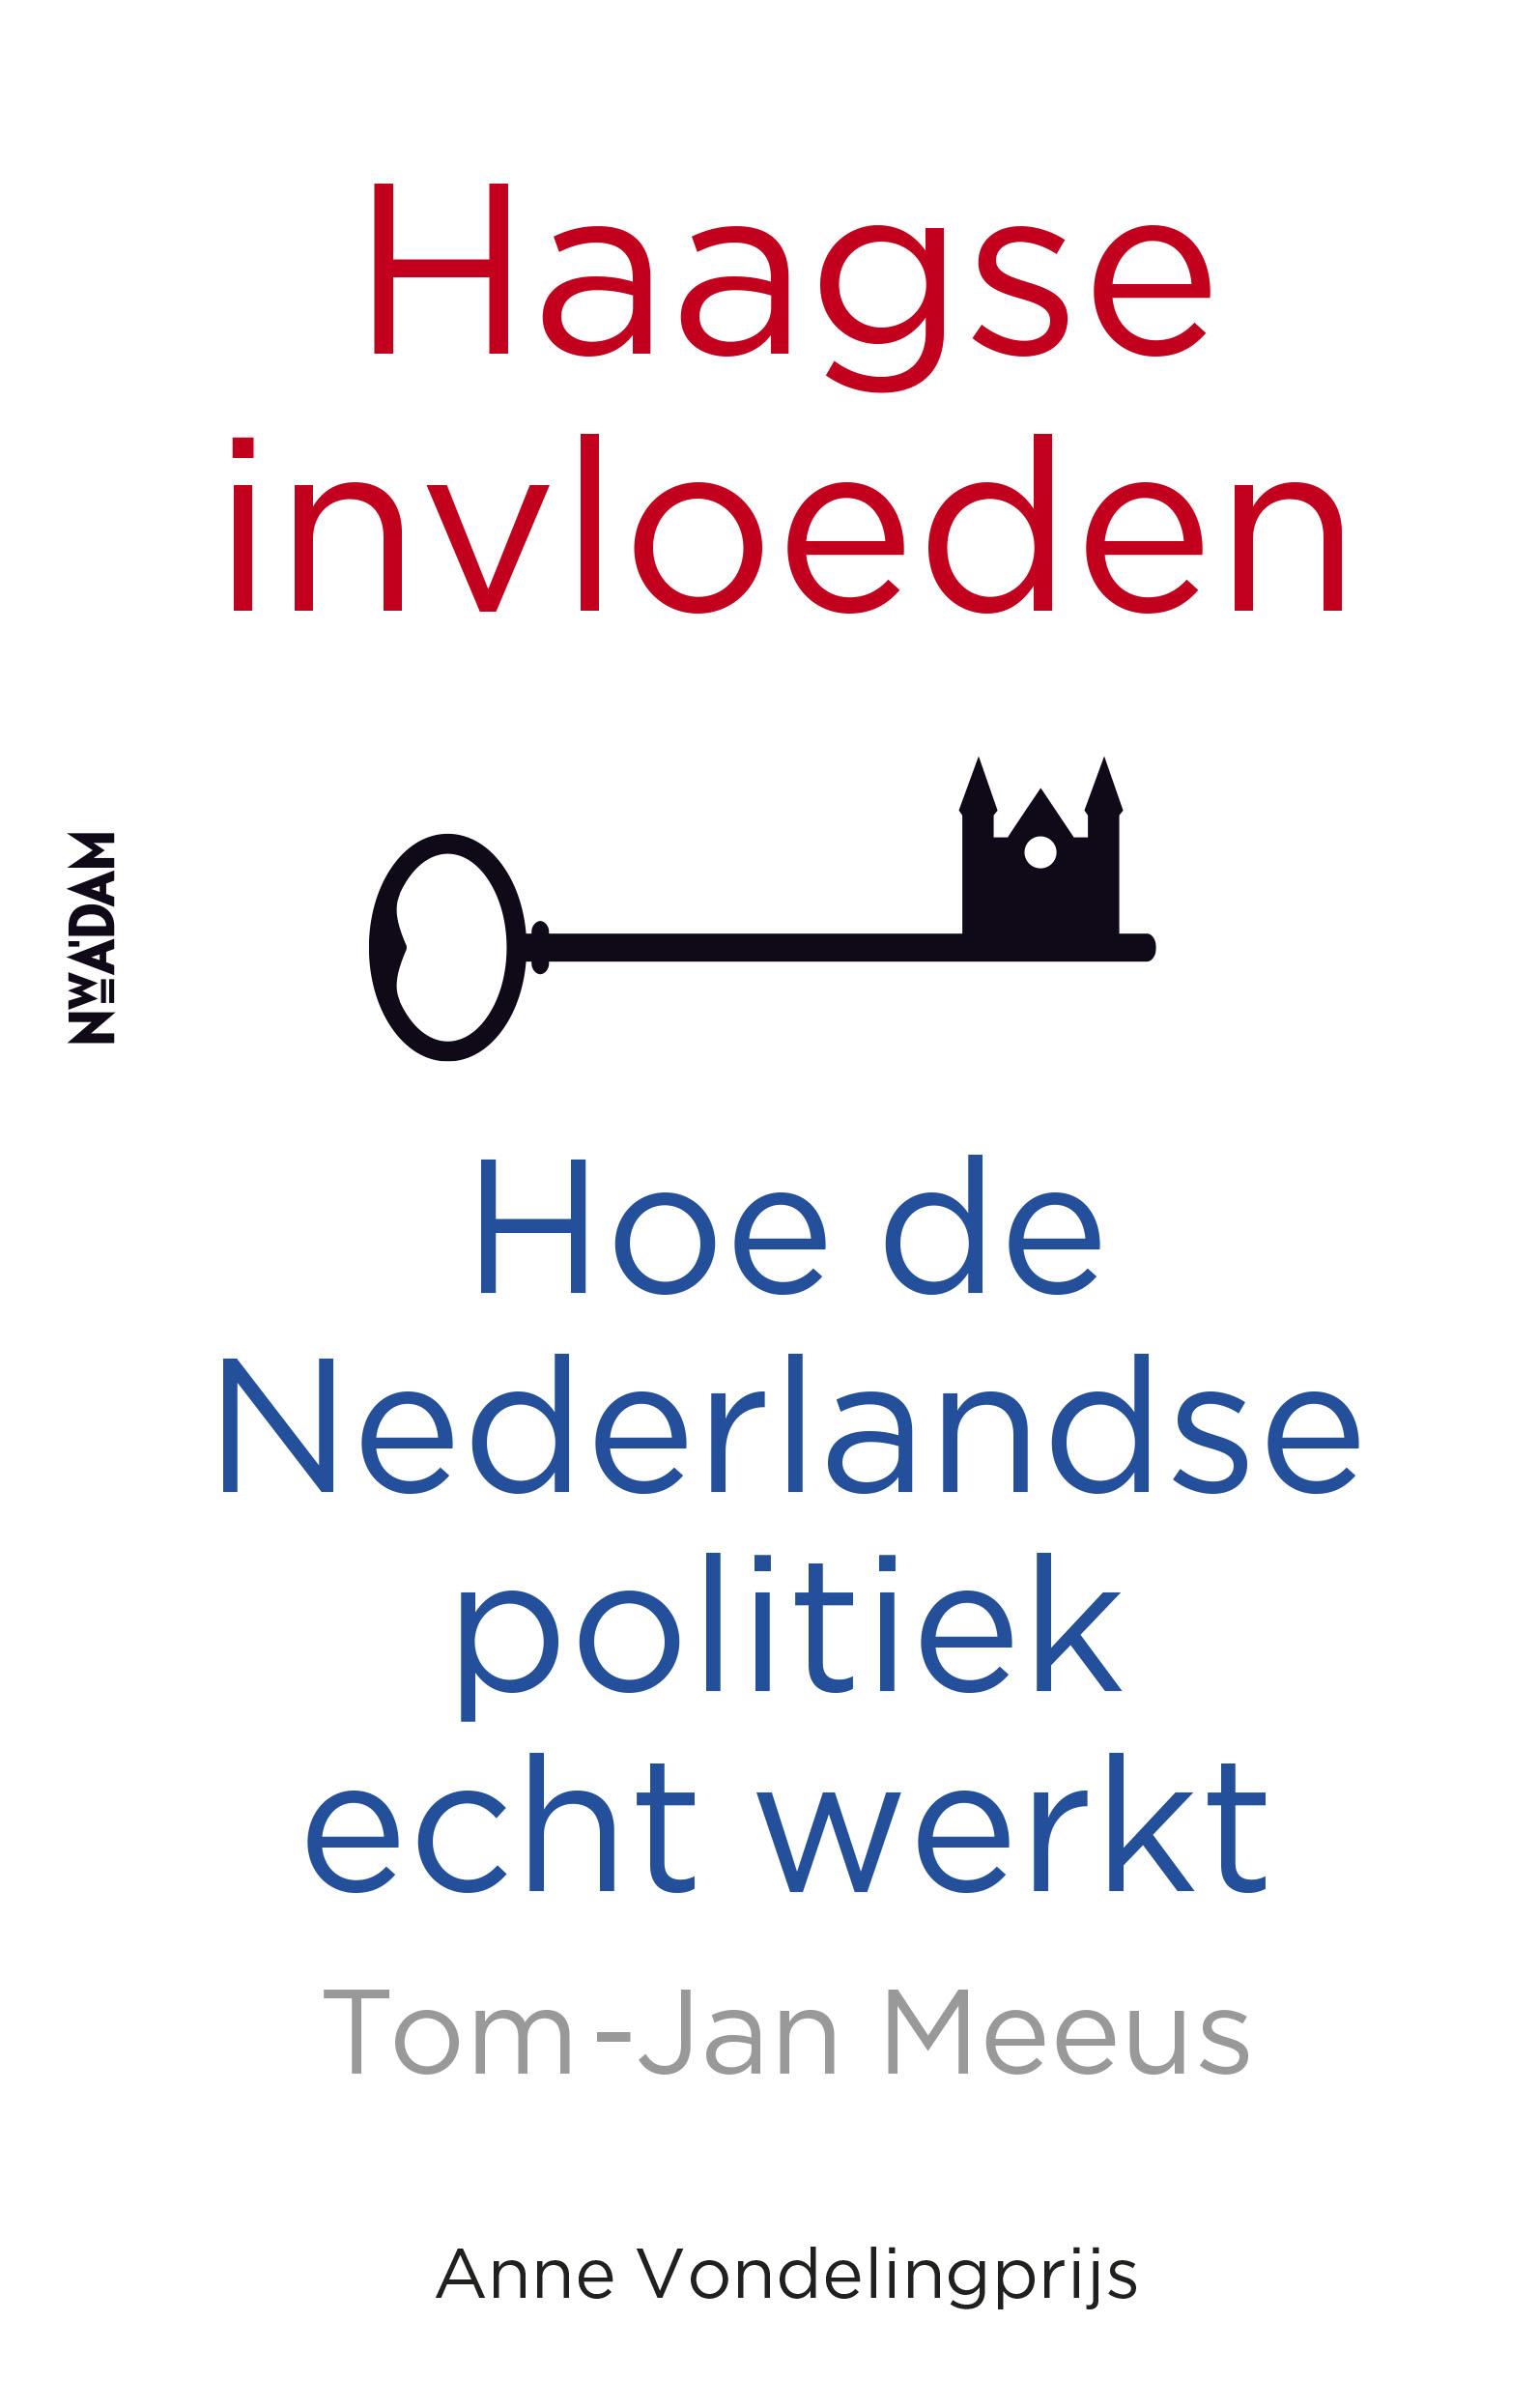 Haagse invloeden – Tom-Jan Meeus